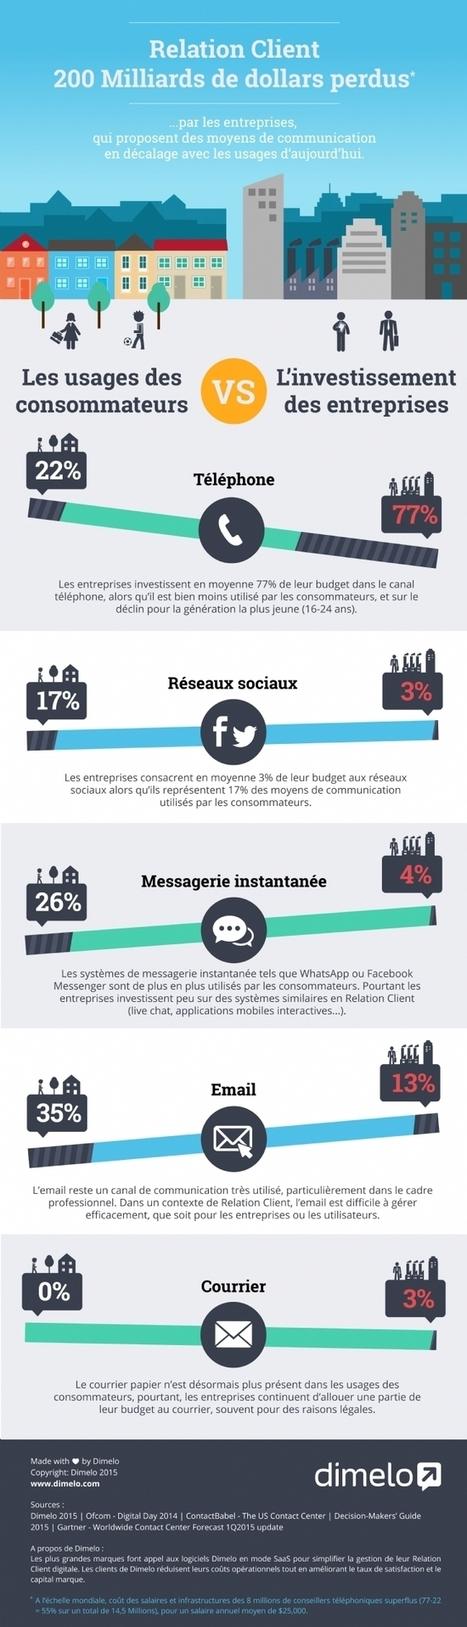 Infographie | Relation client inadaptée: 200 Mds $ perdus par les entreprises | ALTHESIA Conseil | Scoop.it